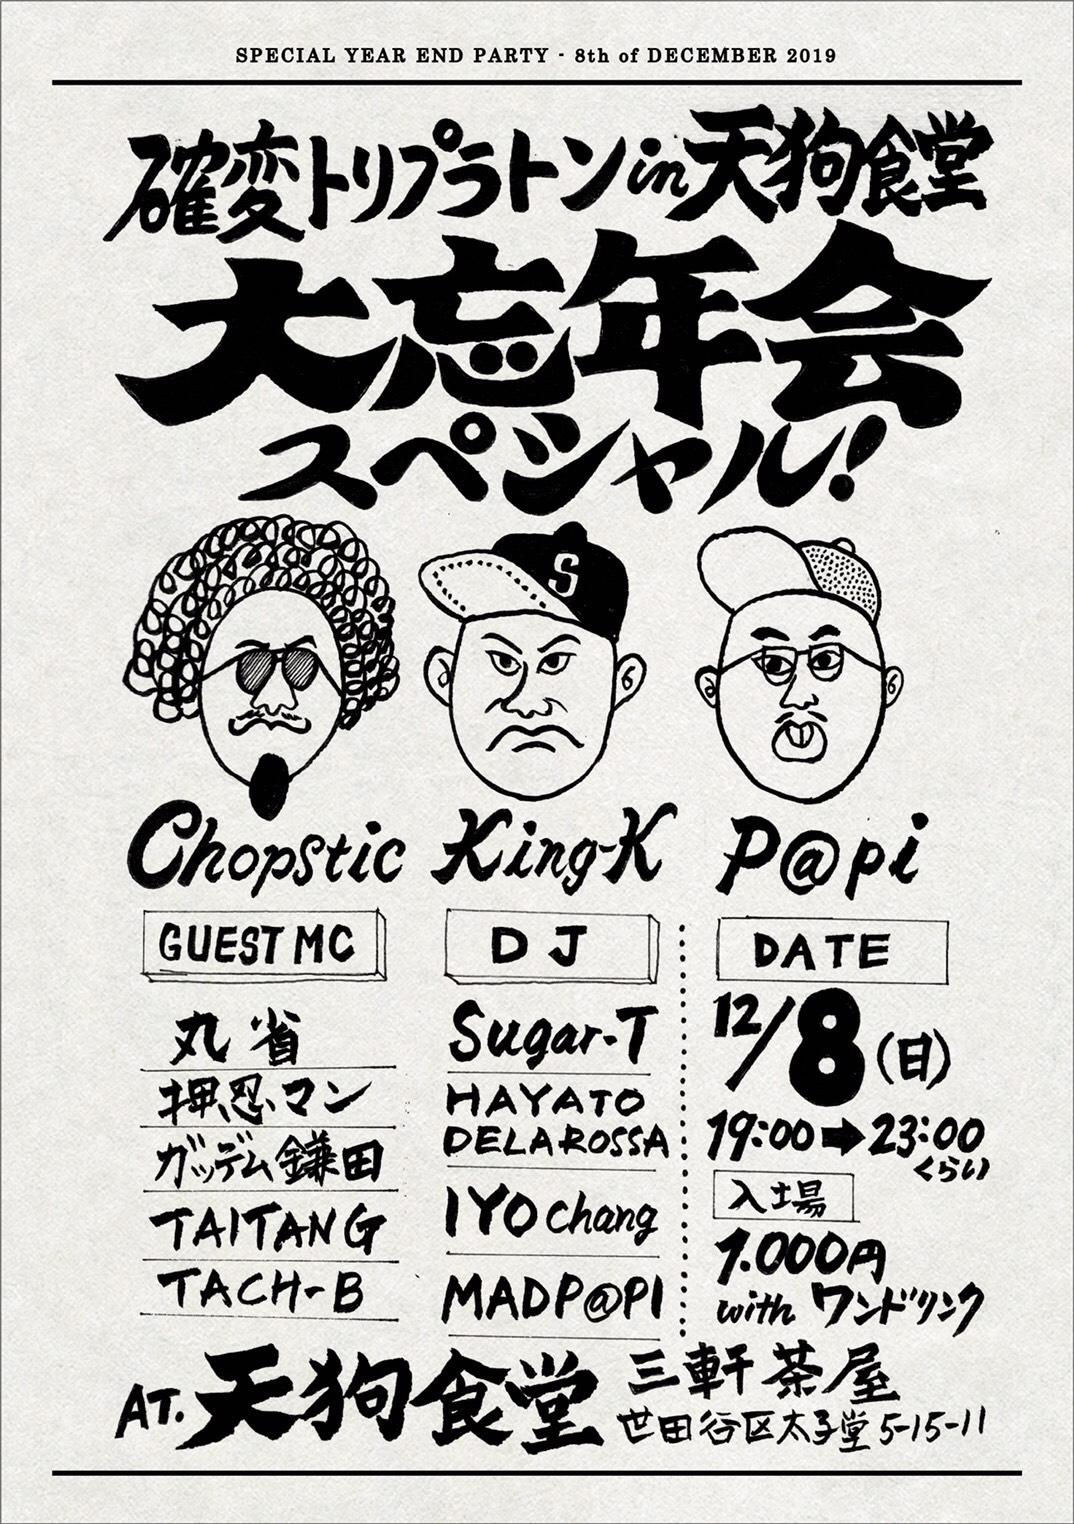 2019年12月8日(日)  確変トリプラトン in 天狗食堂